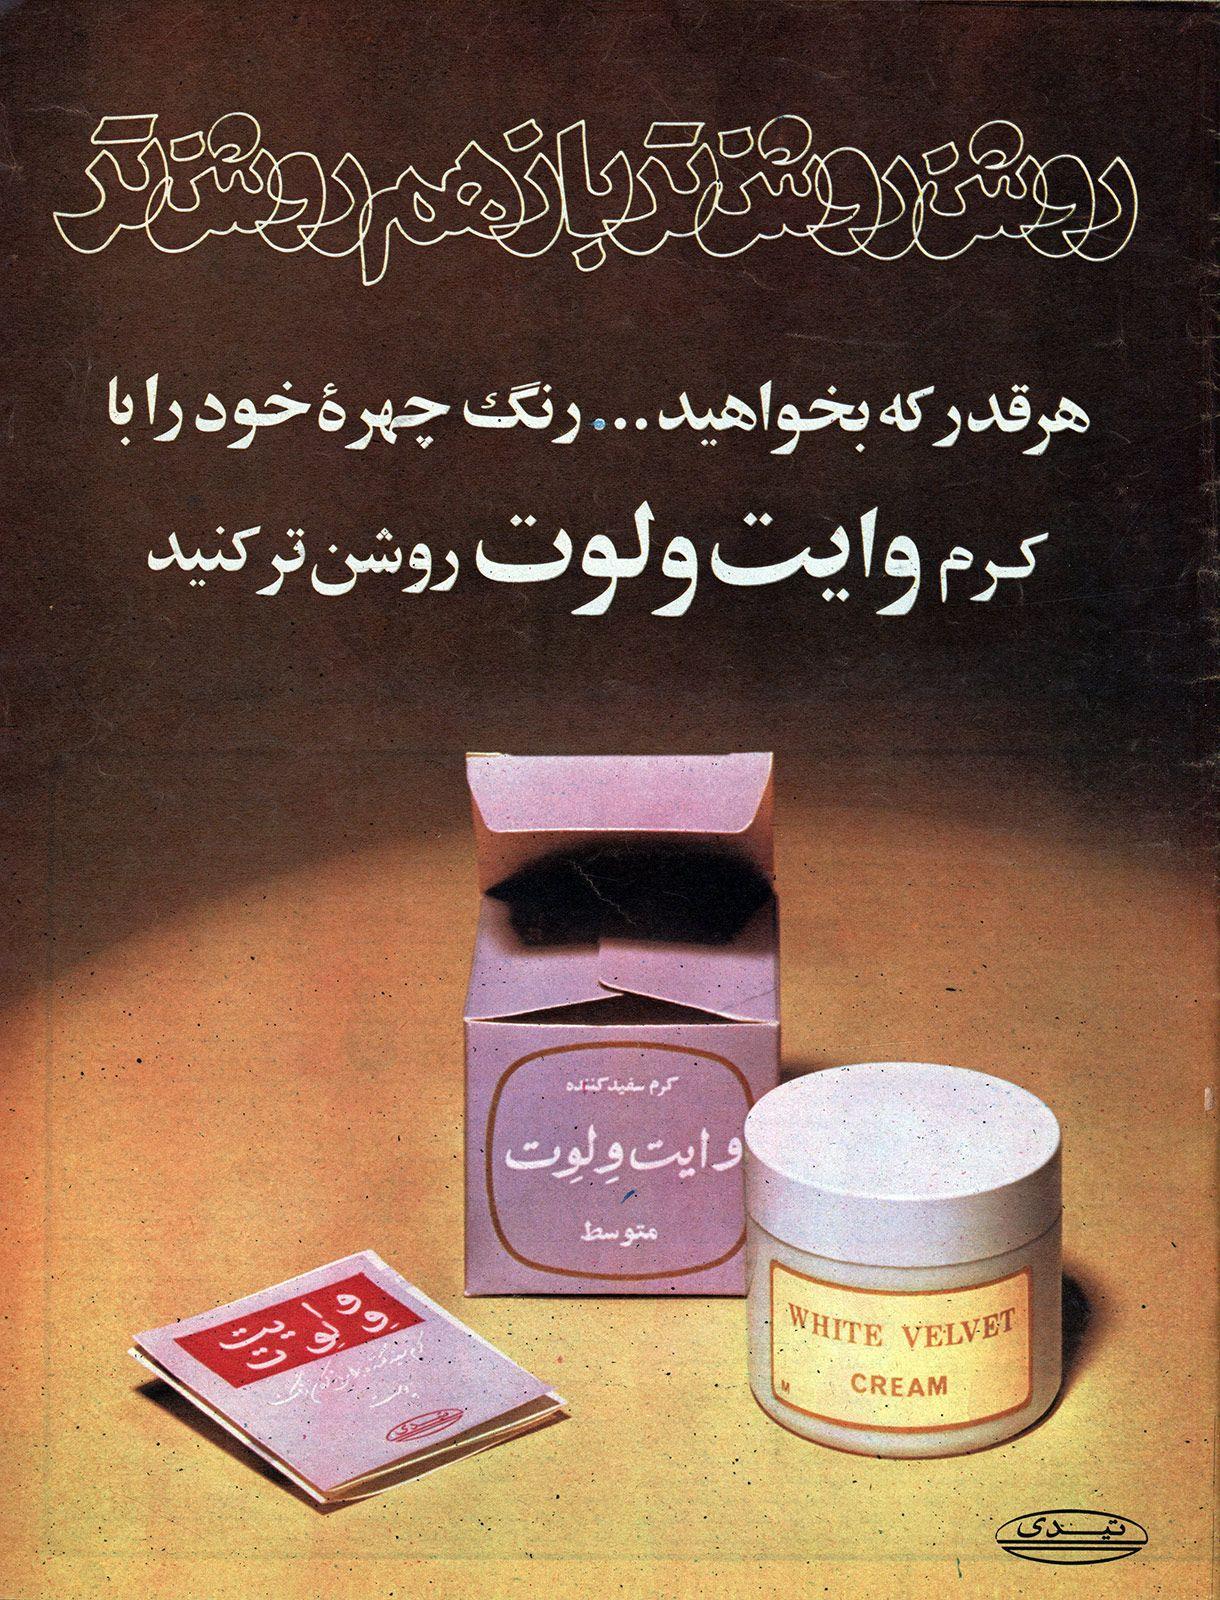 هرقدر که بخواهید رنگ چهره خود را با کرم وایت ولوت روشن تر کنید صفحه ۱۷ مجله اطلاعات هفتگی شماره ١٩١٣ جمعه ١٤ مهر ۱۳۵۷ Iran Culture Iran Pictures Iran